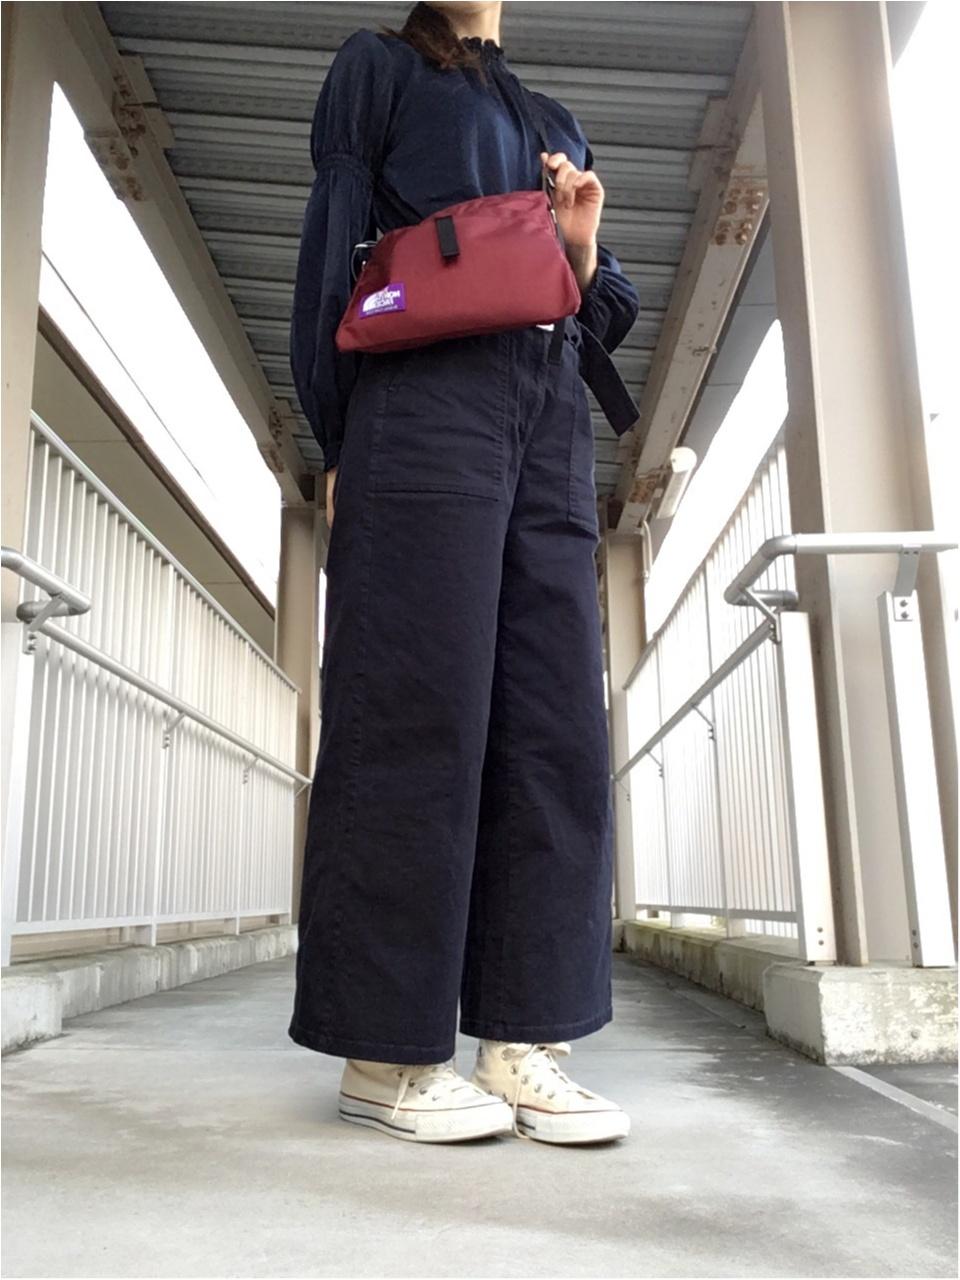 ちょこっとお出掛け【プチプラコーデ】産後履きたかったパンツをやっと♡_2